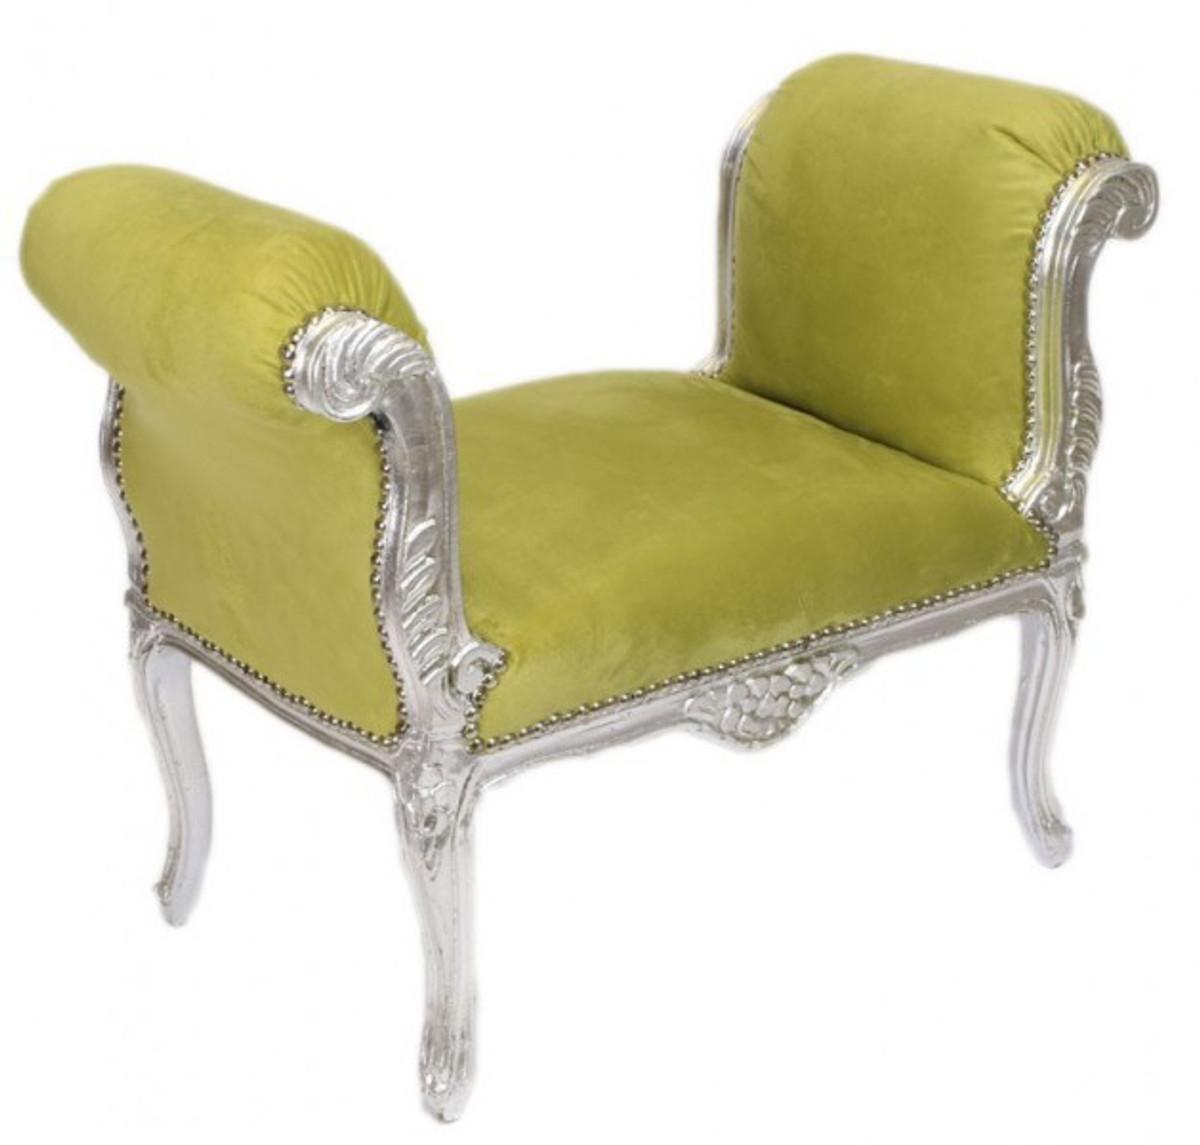 casa padrino barock schemel hocker jadegr n silber. Black Bedroom Furniture Sets. Home Design Ideas